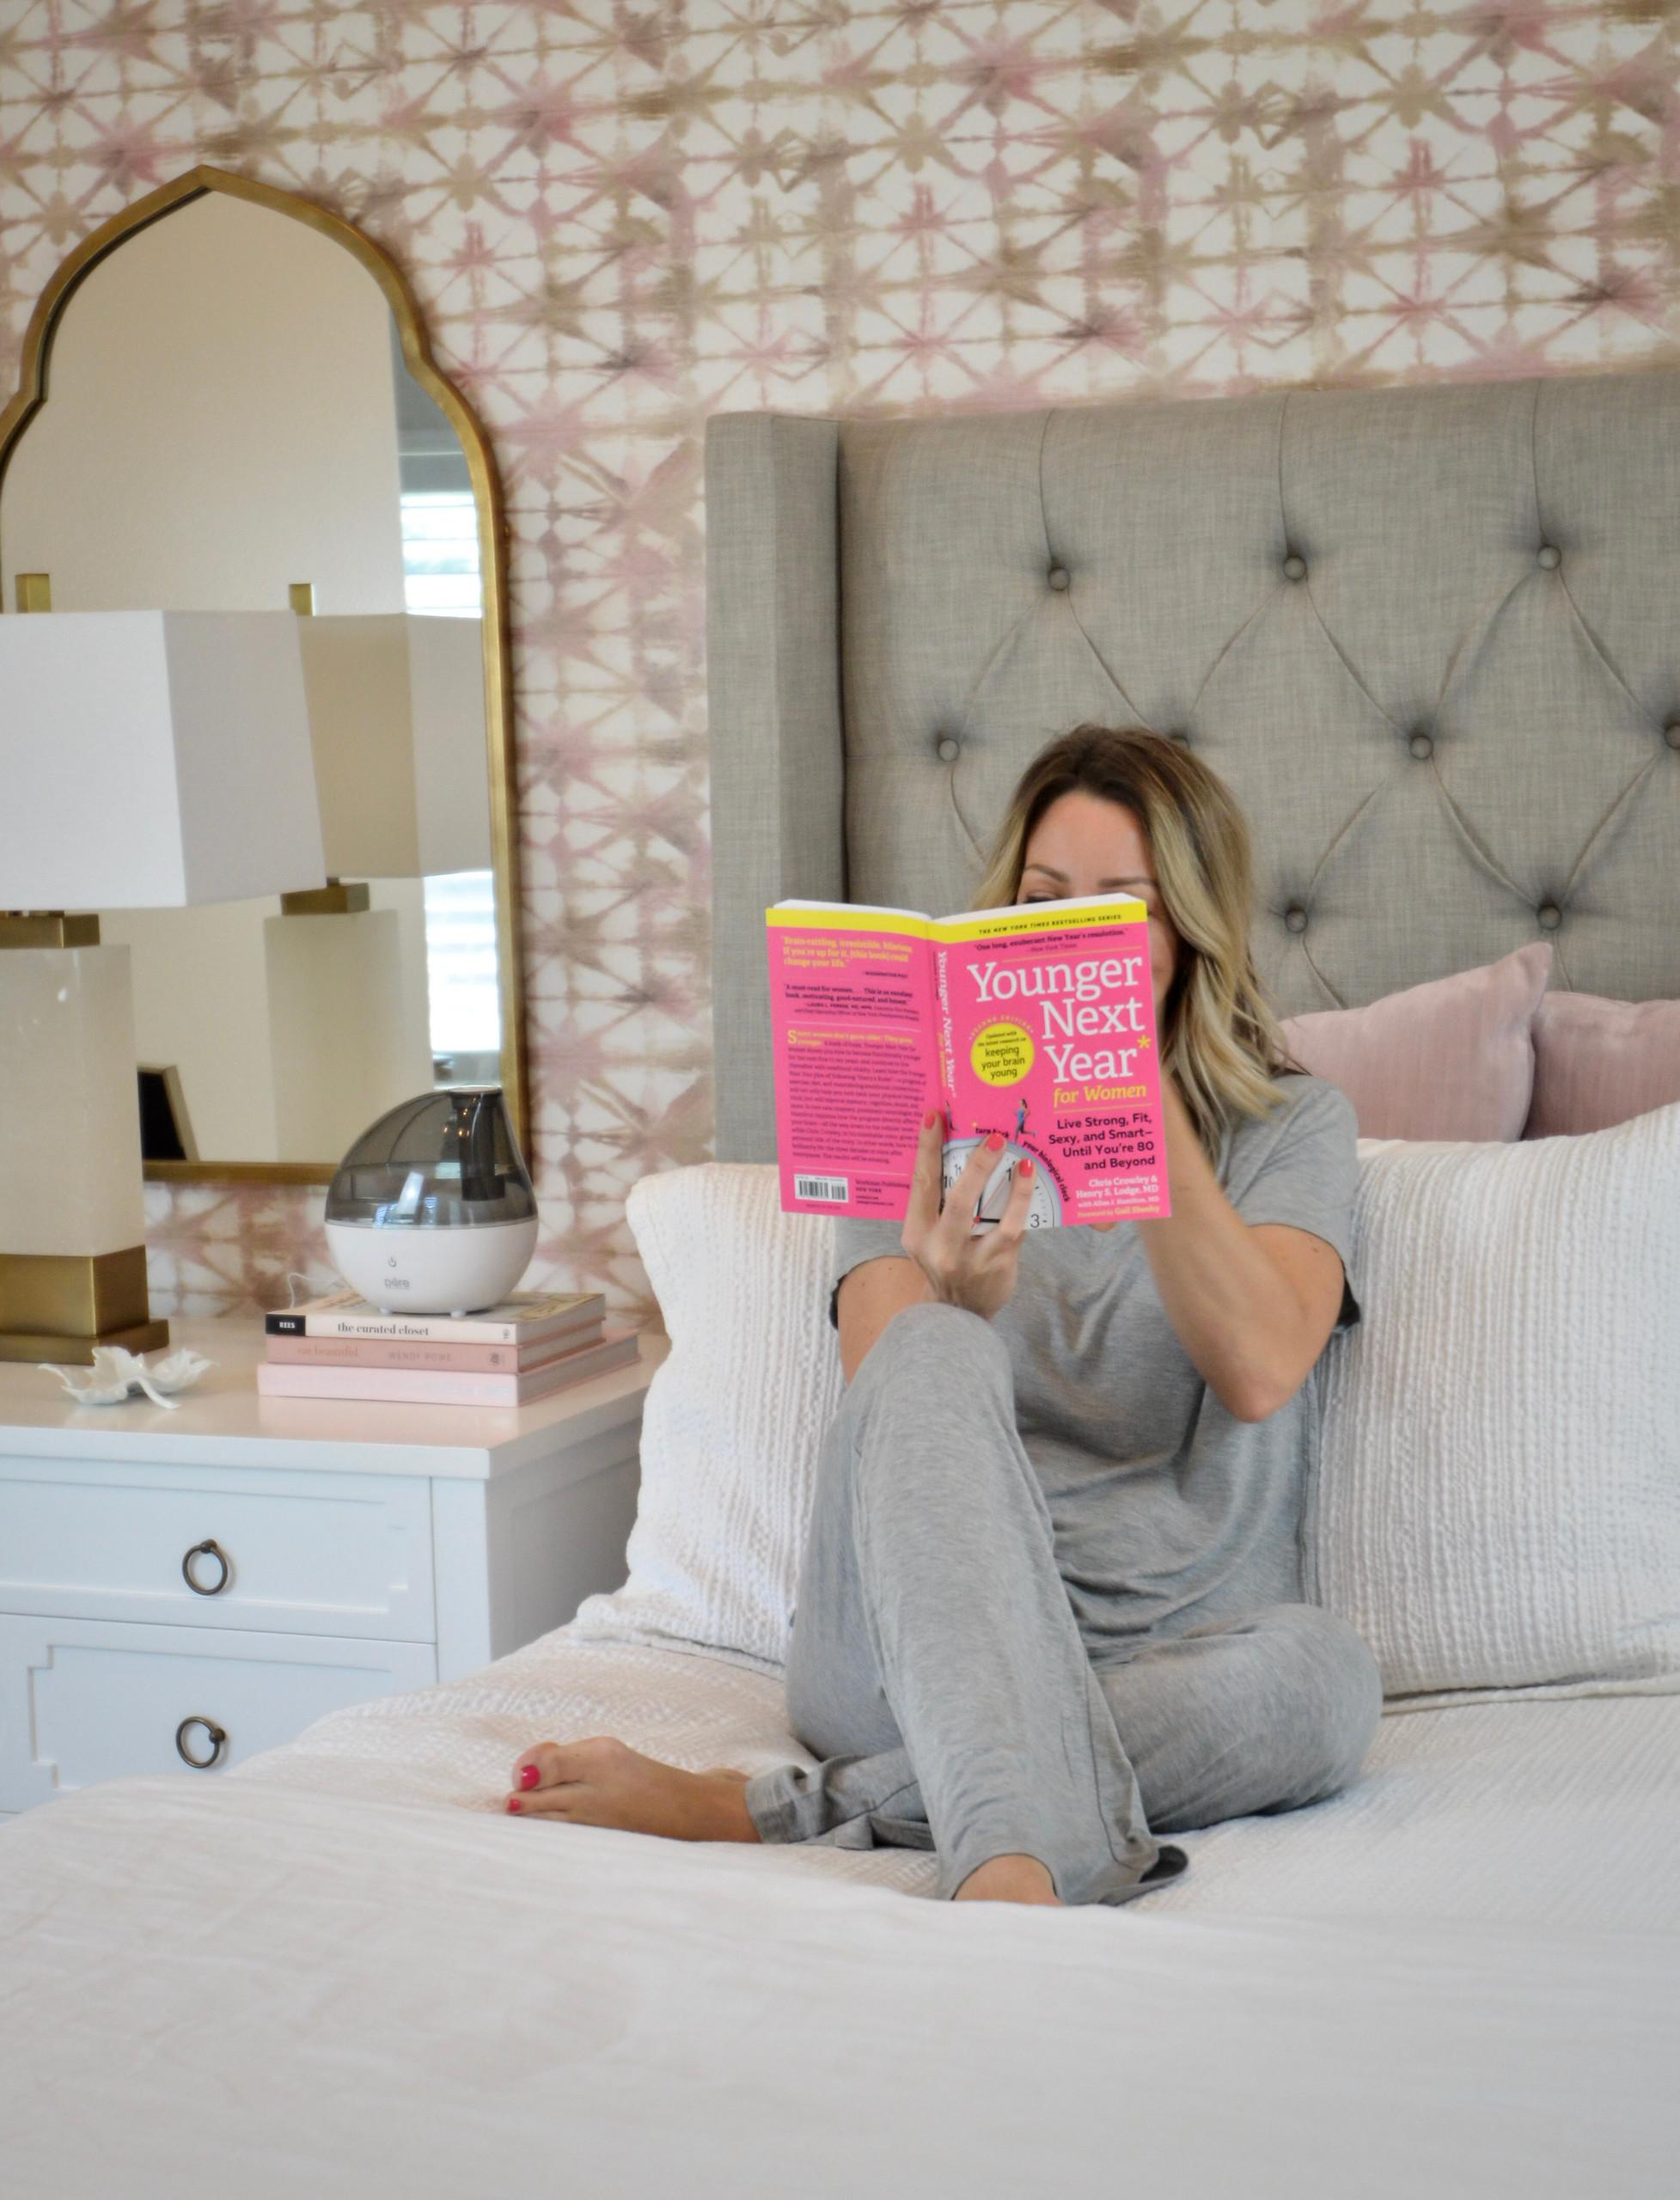 Younger Next Year Book, Grey Pajamas, Humidifier